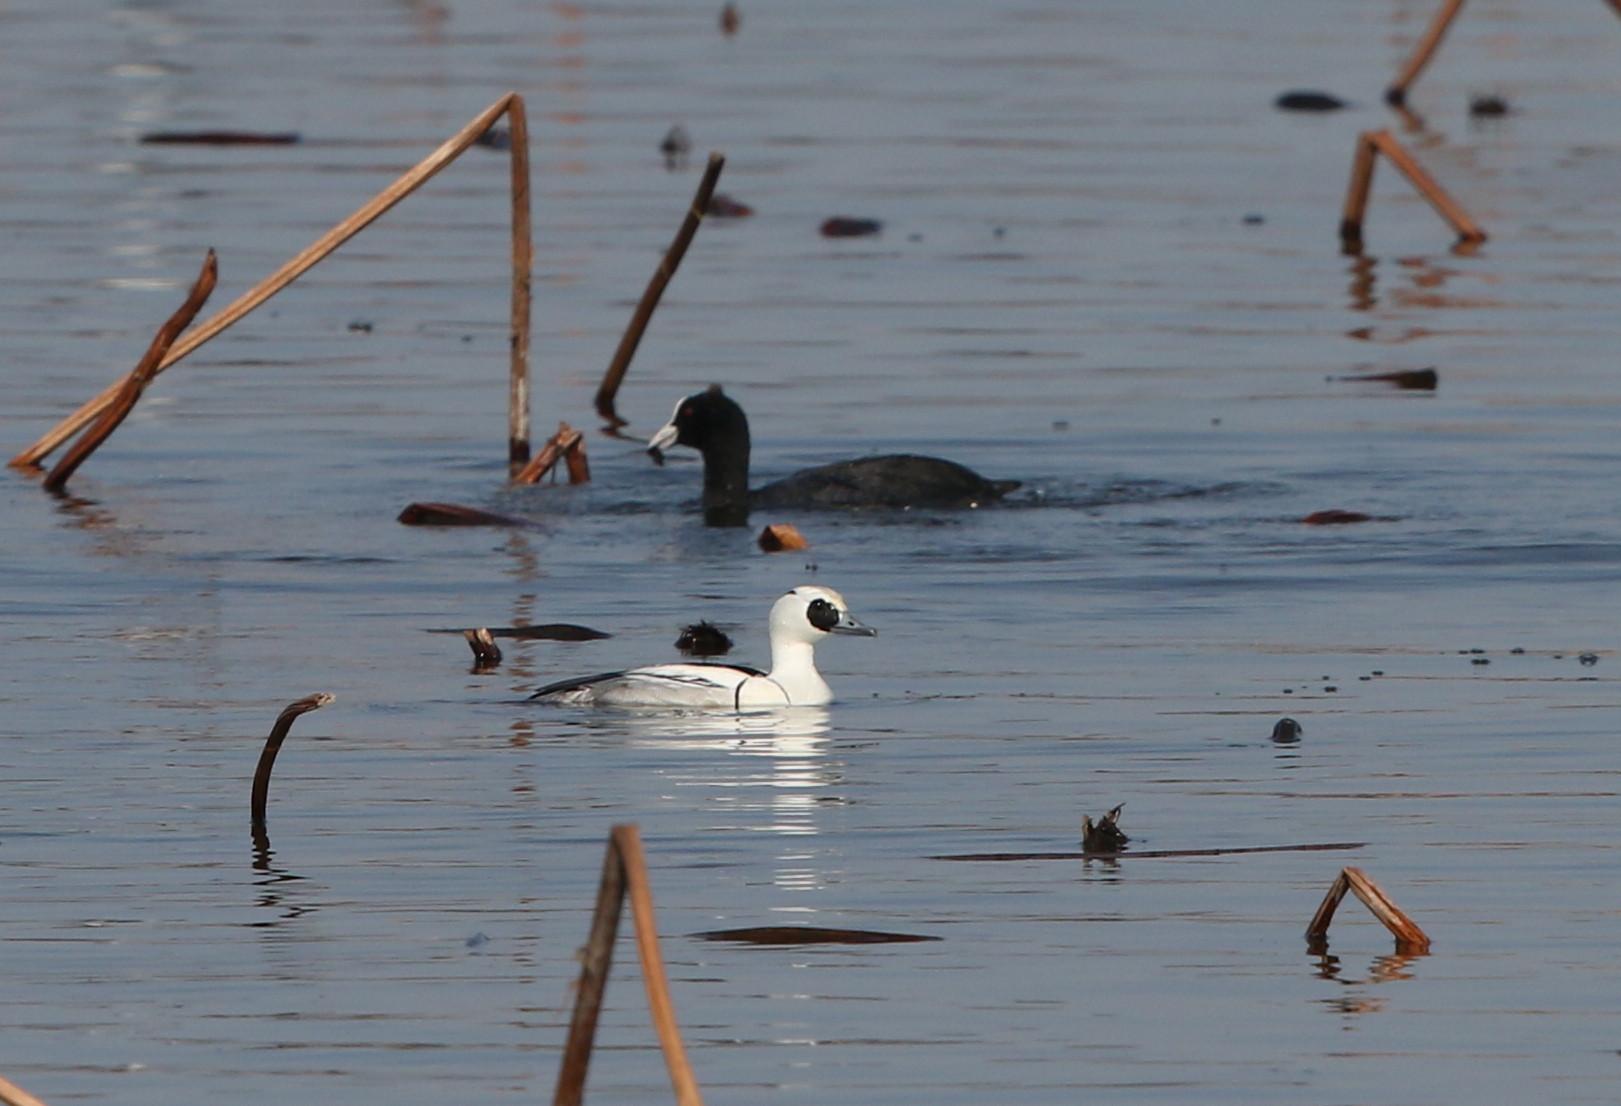 MFの沼で冬鳥(ミコアイサ・カンムリカイツブリを撮る)_f0239515_1811124.jpg